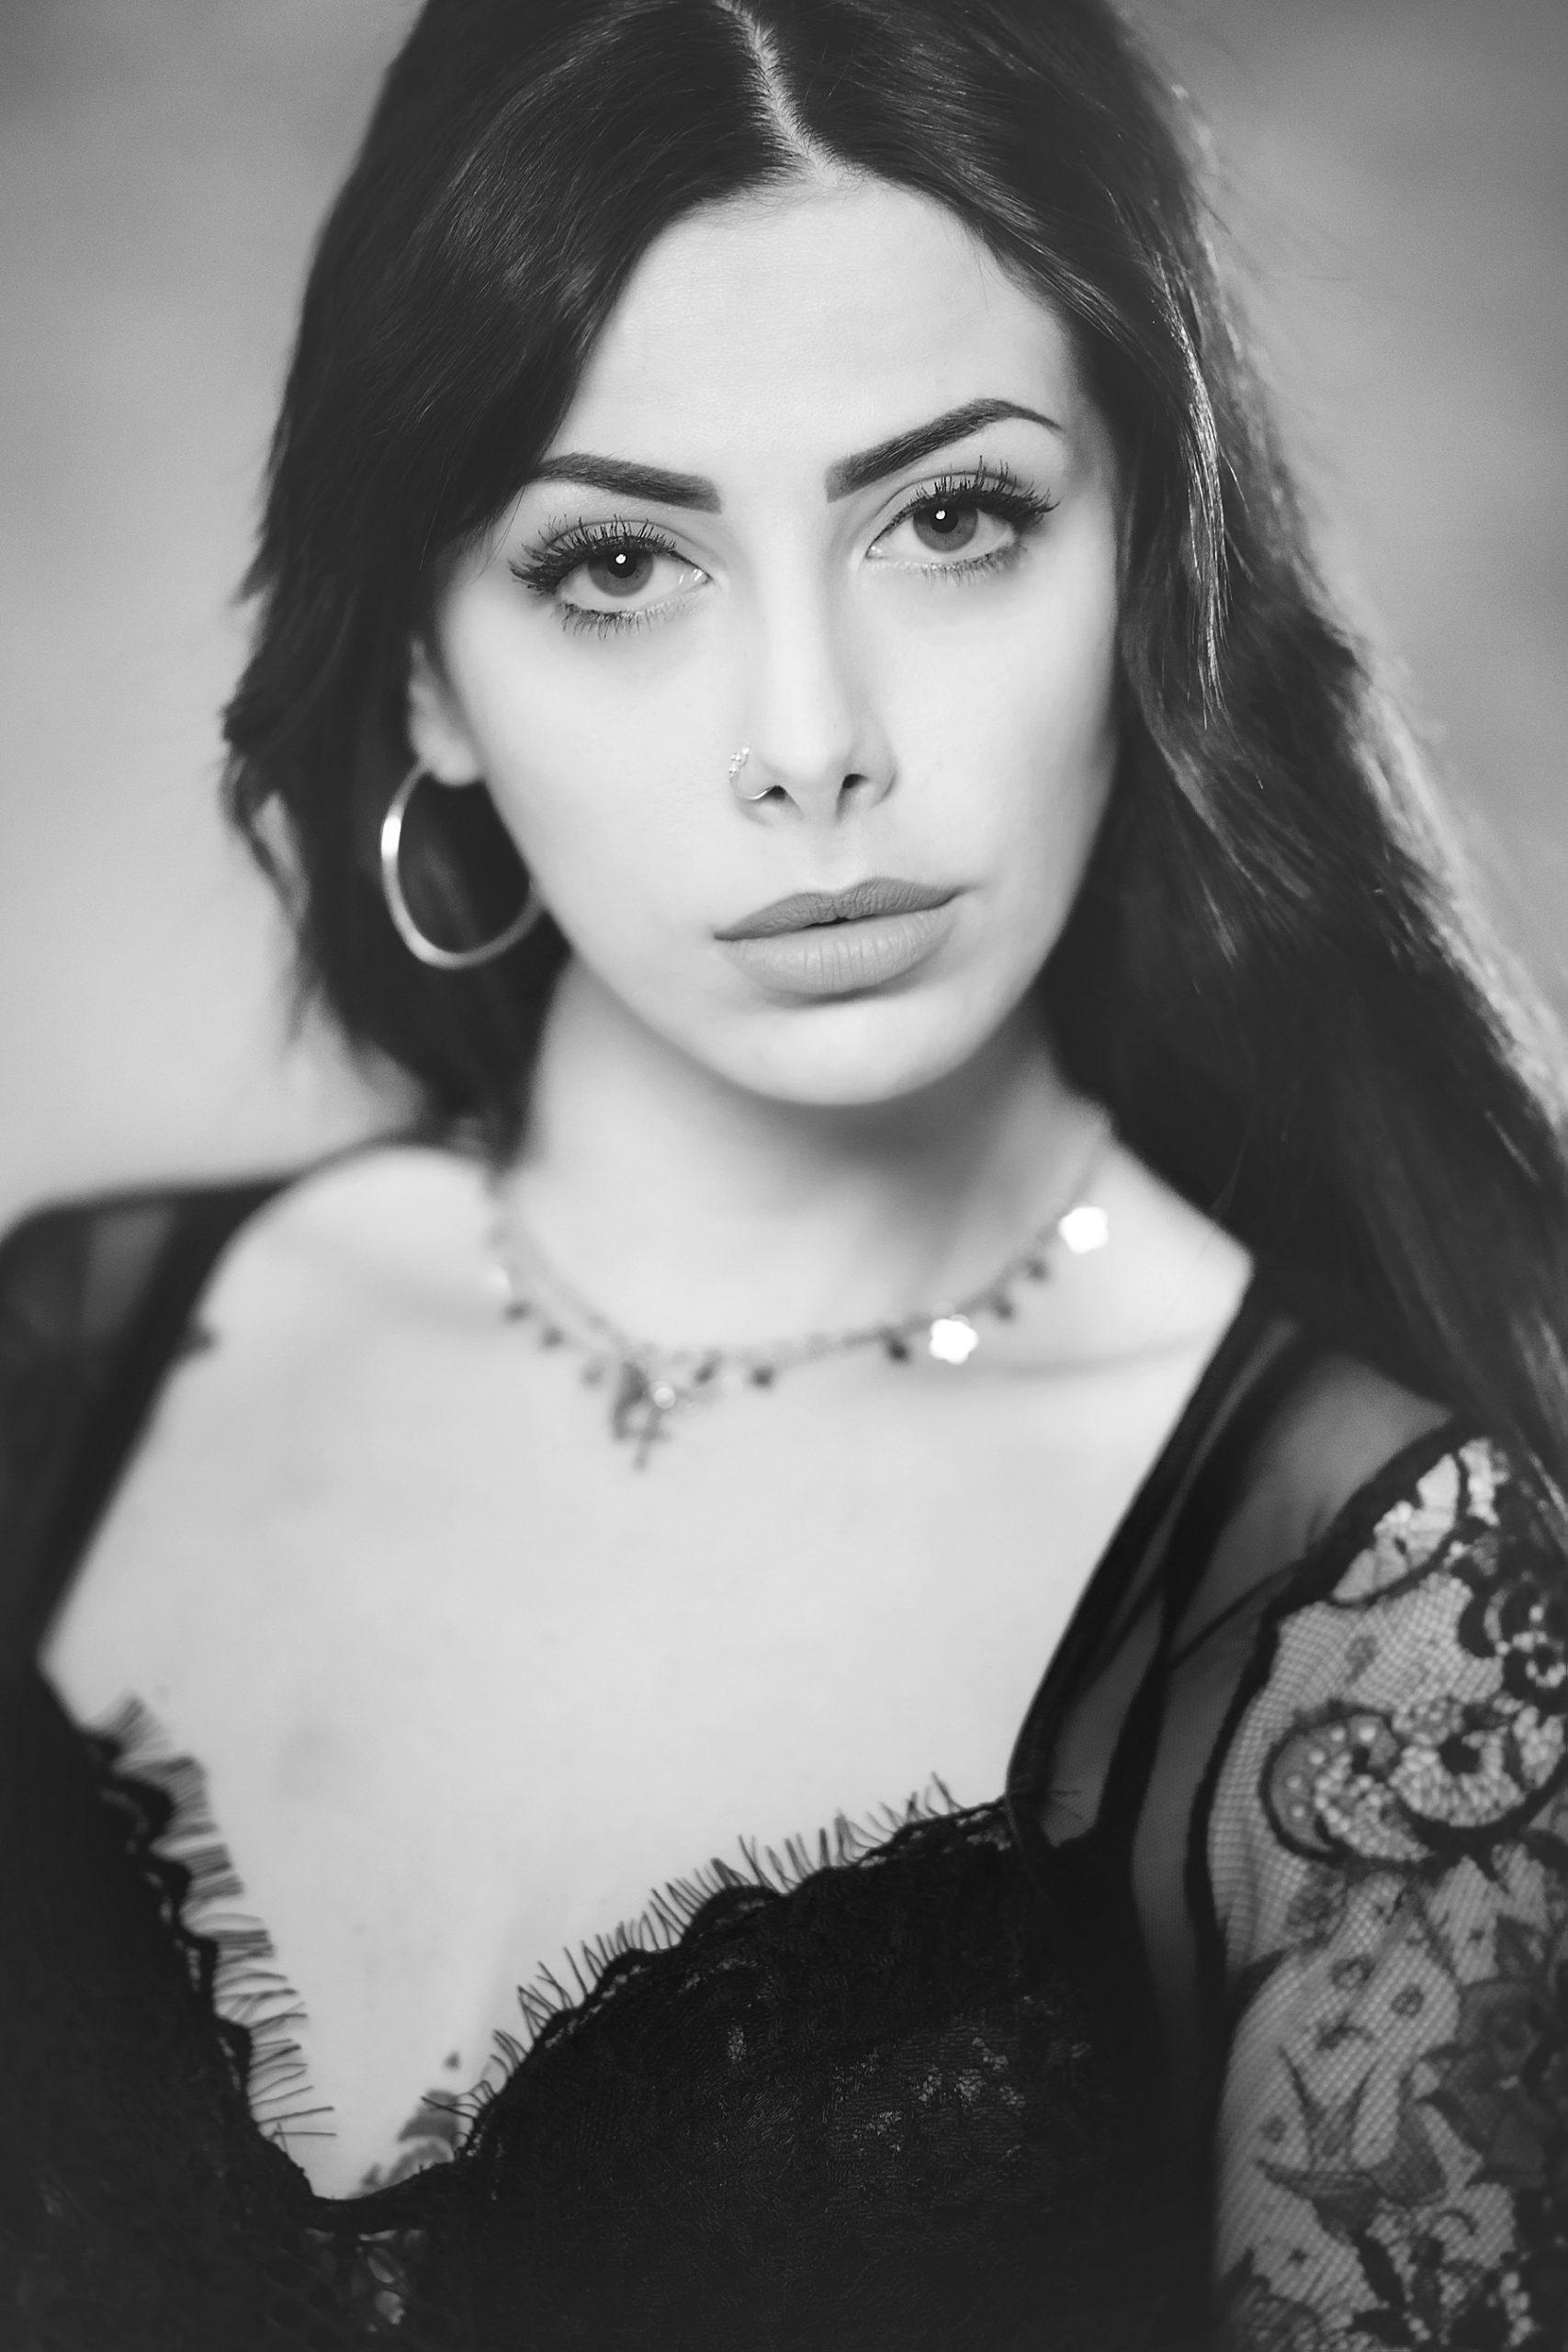 Sessione di ritratti in studio fotografico di bellezza mediterranea